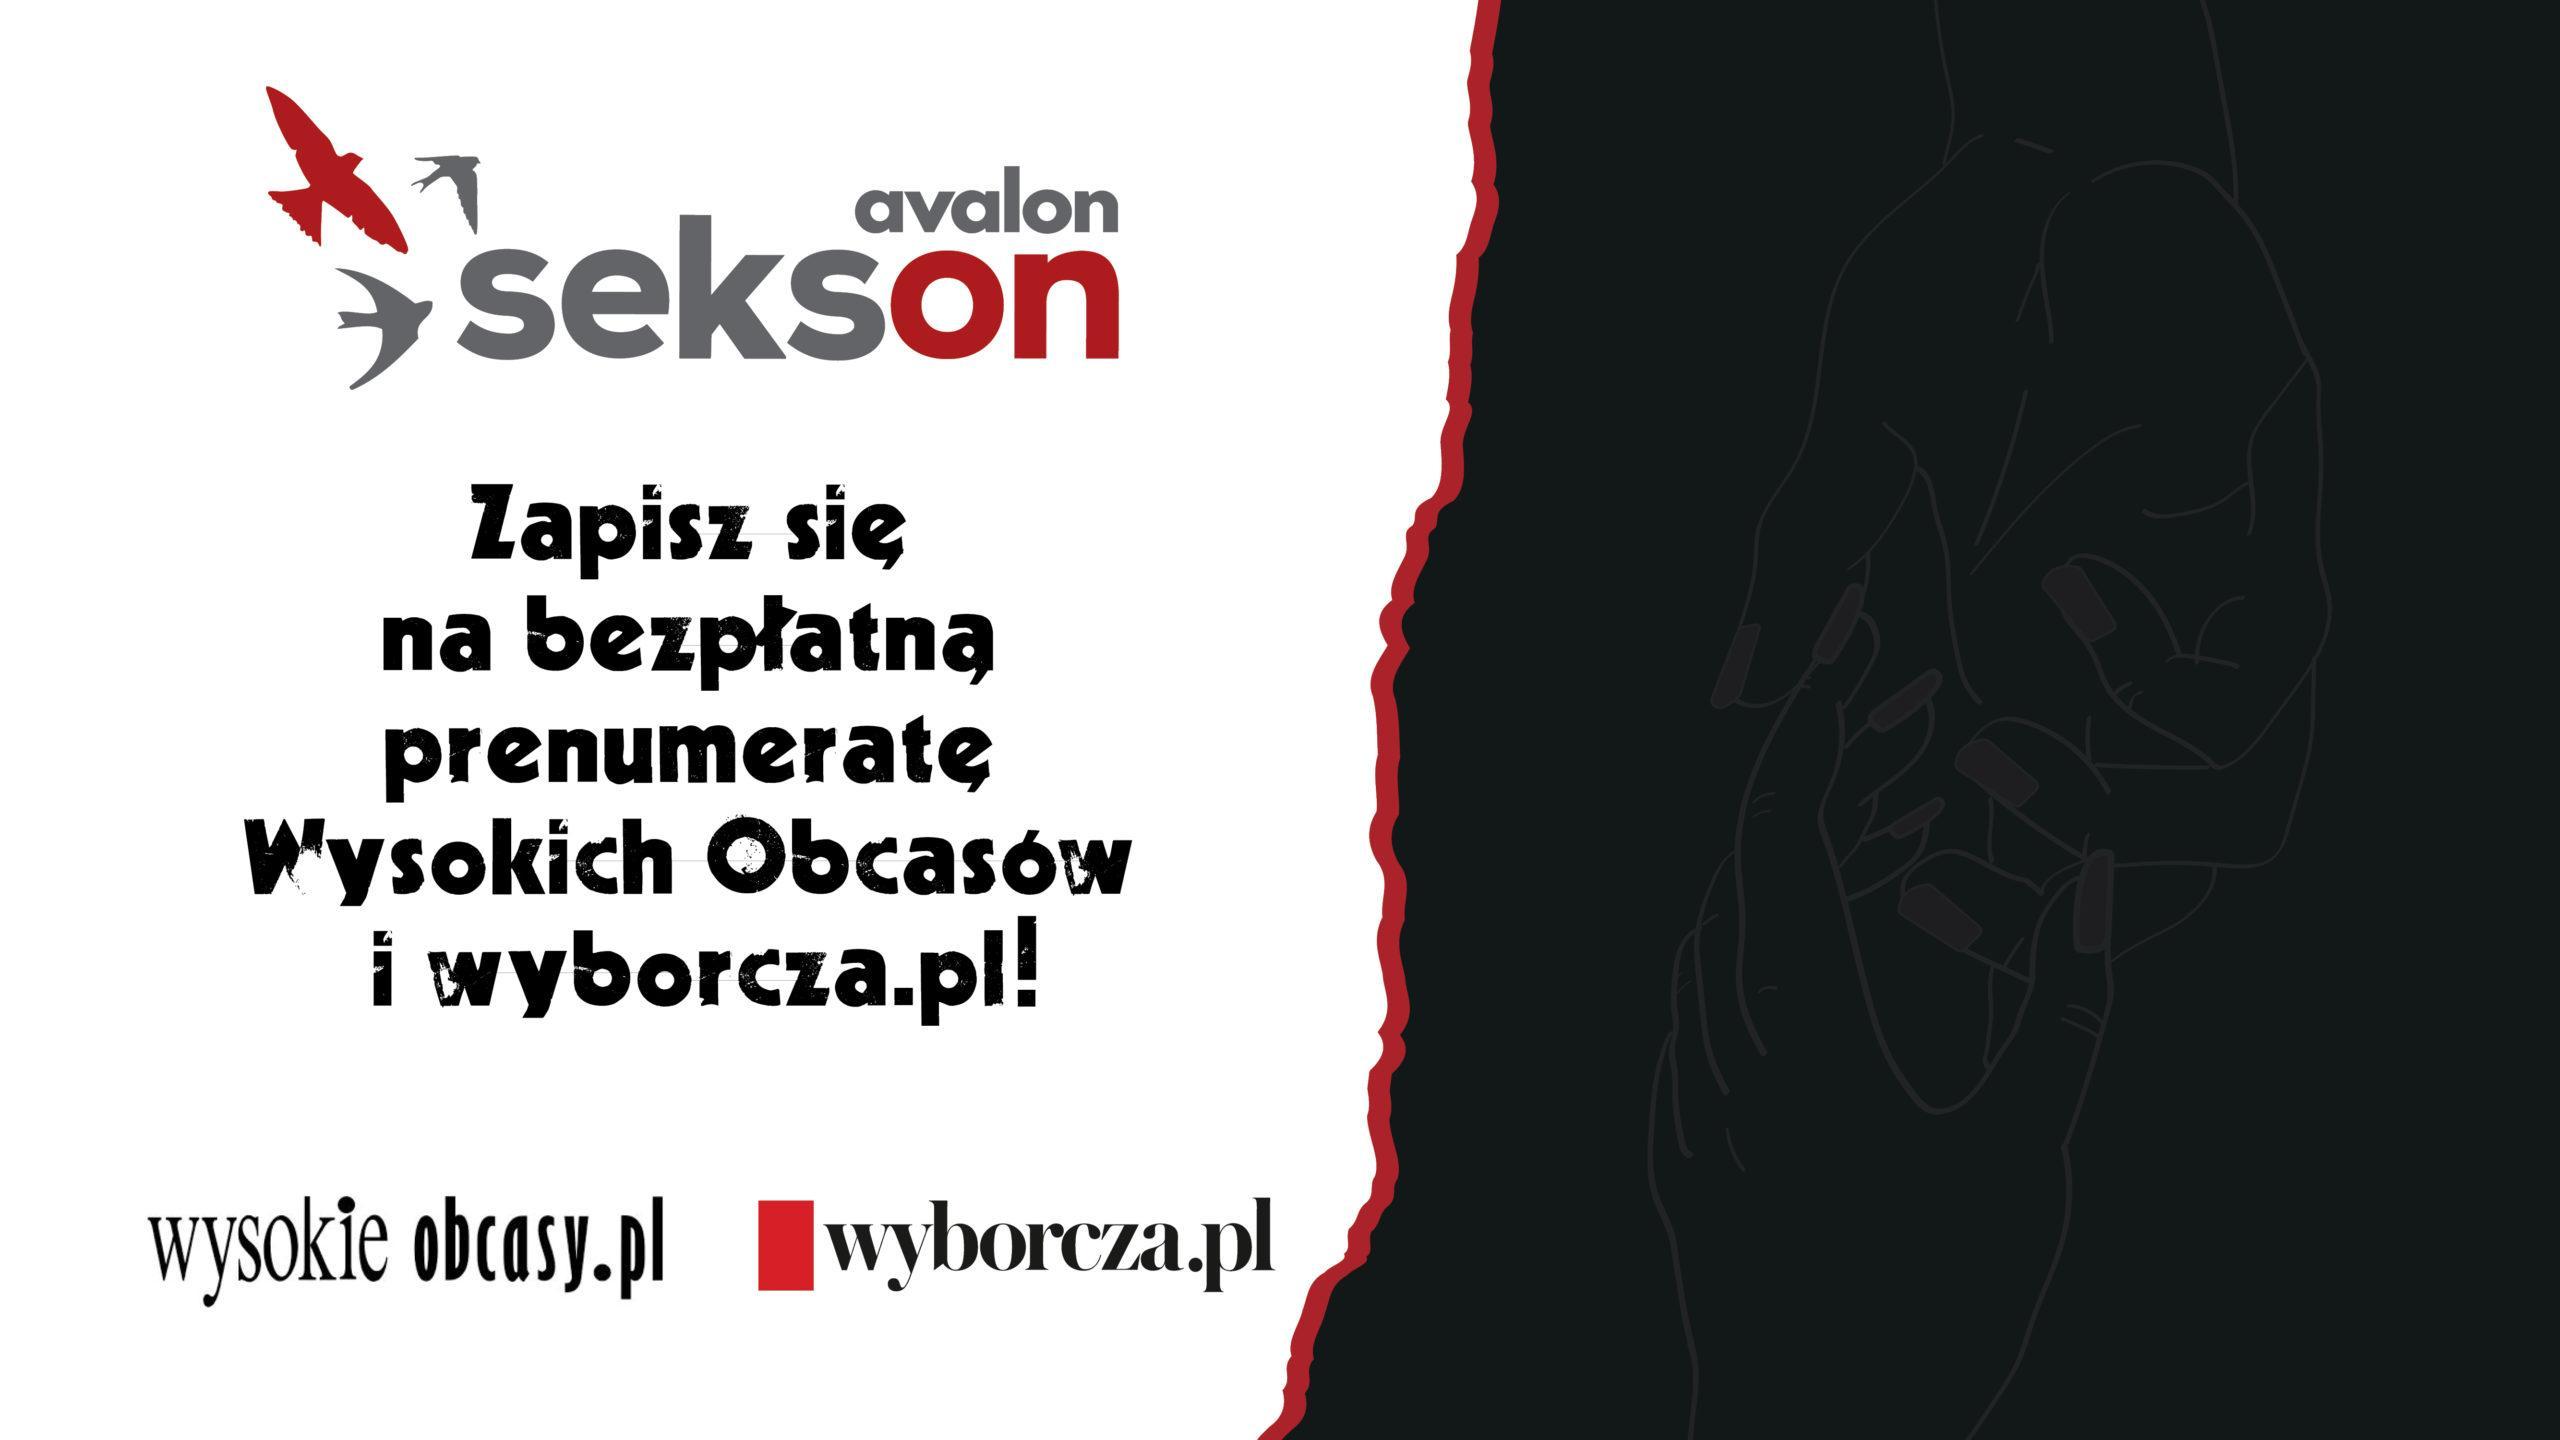 Czarny napis nabuałym tle: Zapisz się nabezpłatną prenumeratę wysokich obcasów iwyborcza.pl. Obok logotyp projektu sekson, Wysokich Obcasów iwyborcza.pl